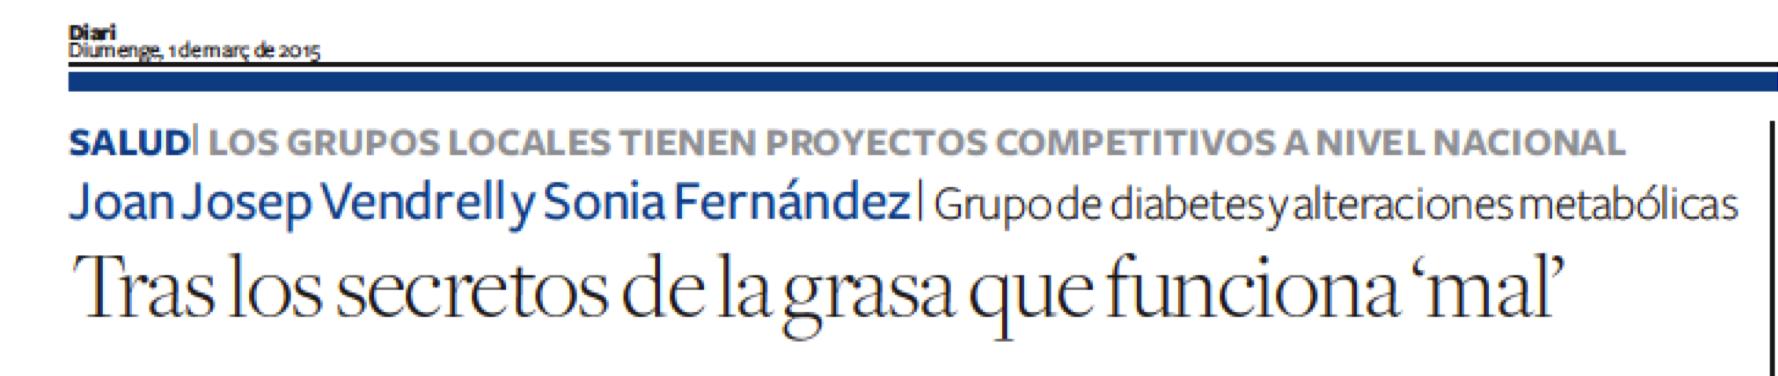 Diari de Tarragona, 01marzo2015